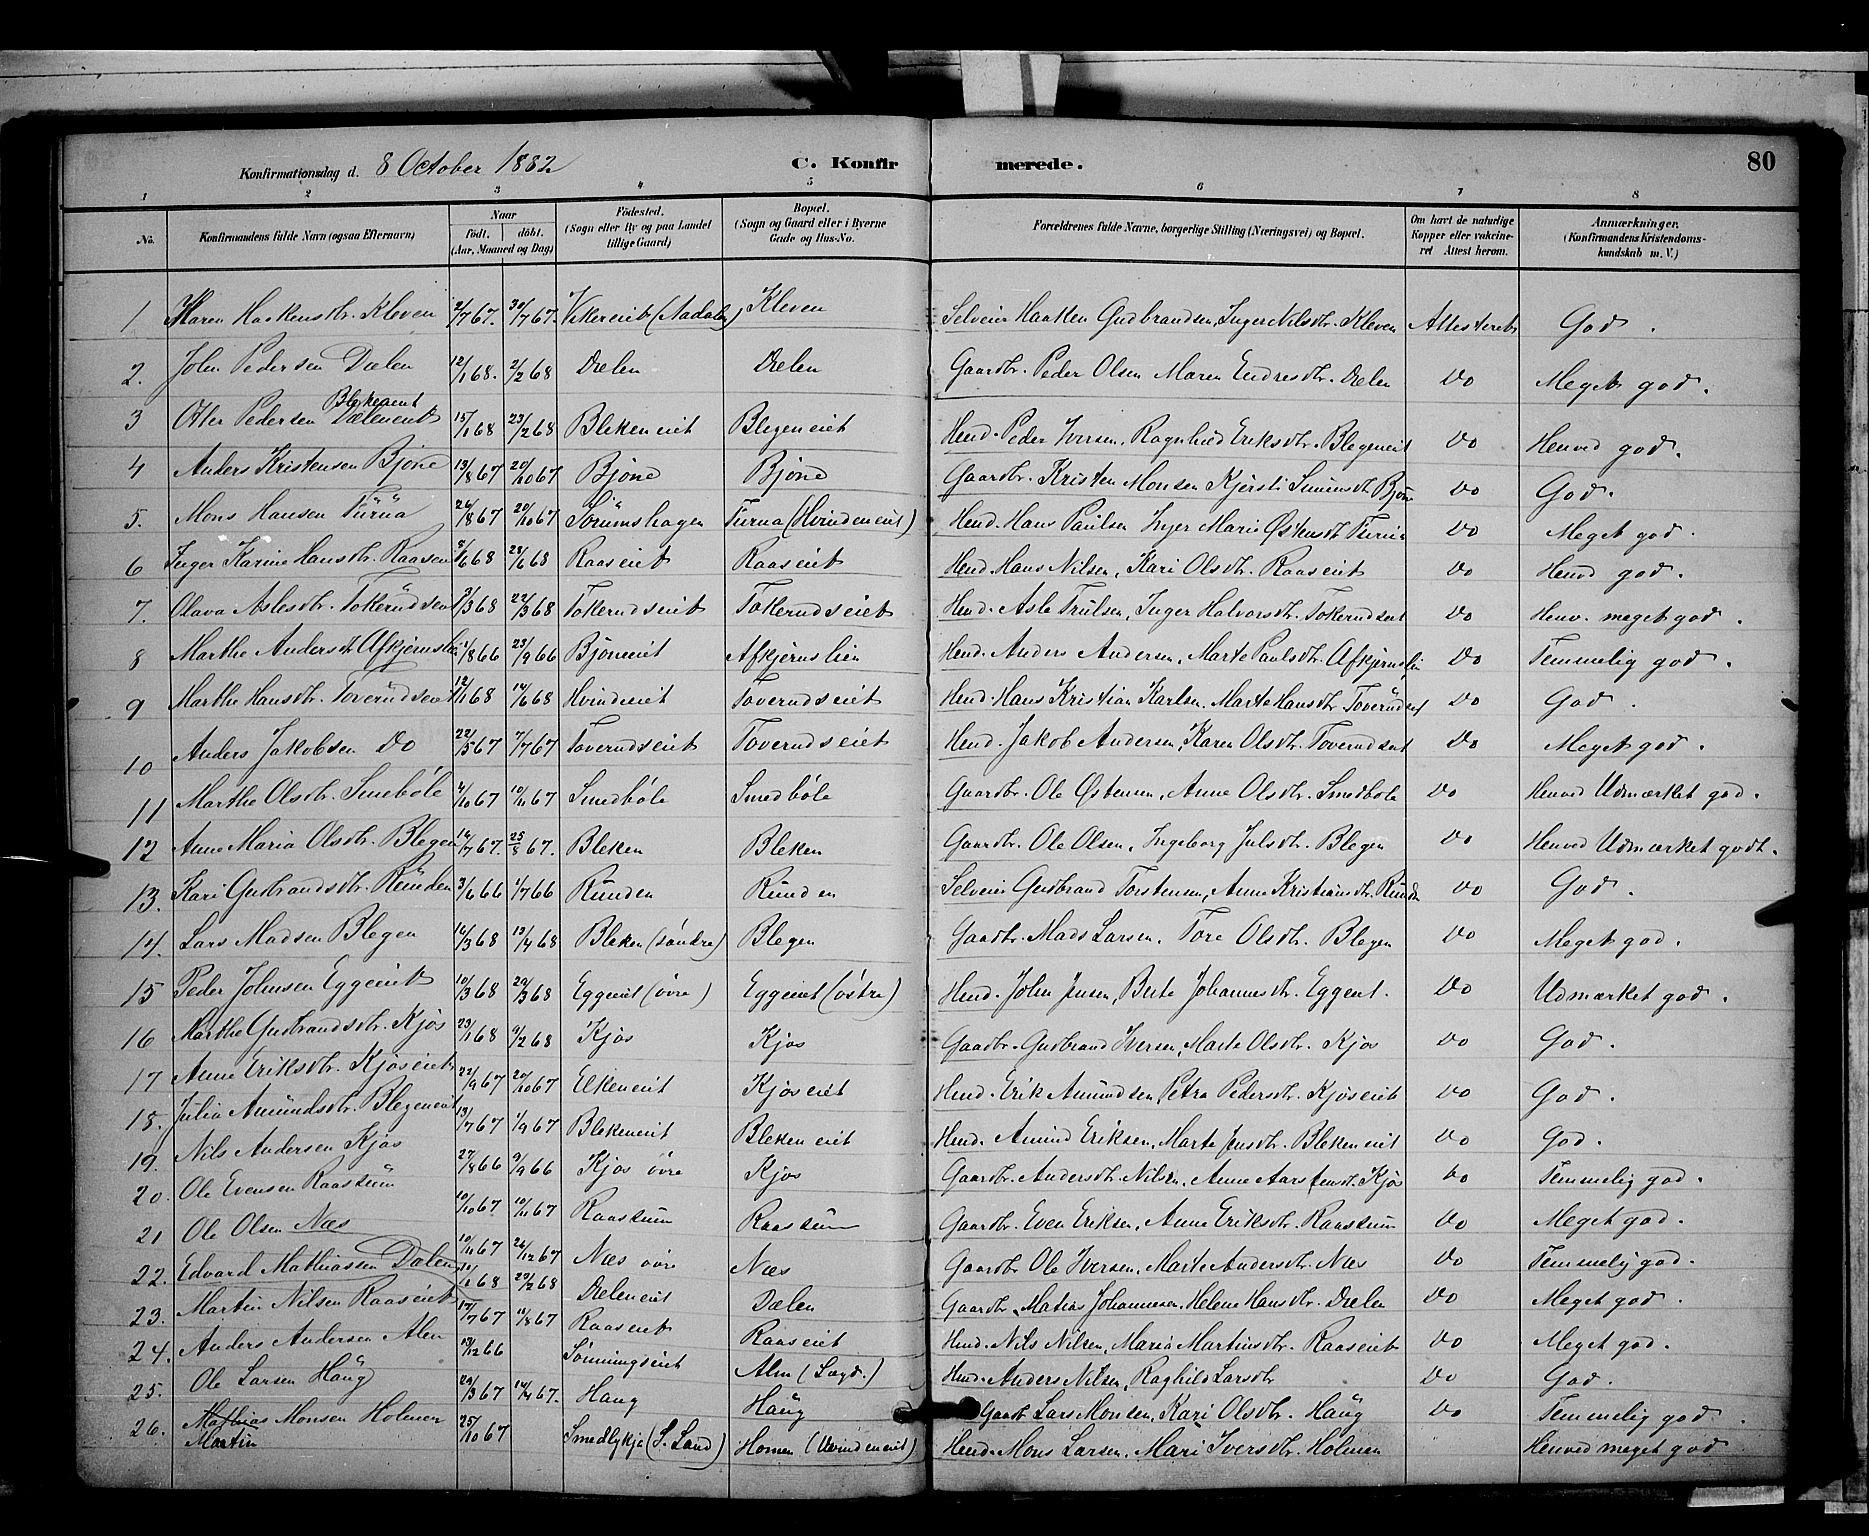 SAH, Gran prestekontor, Klokkerbok nr. 3, 1882-1890, s. 80